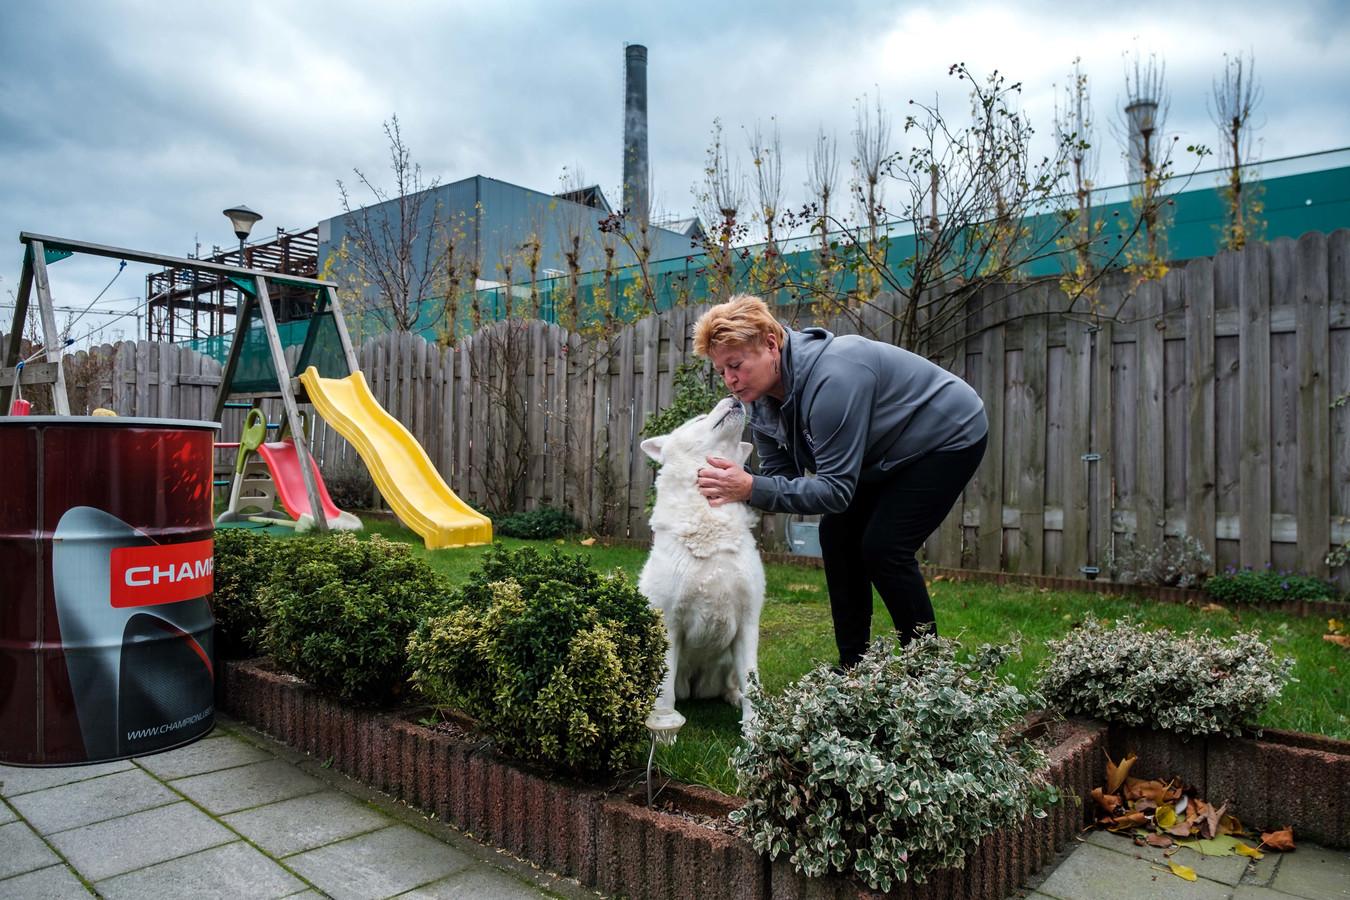 Christel De Maeyer (56) huurt een sociale woning van Woonhaven met een tuin in de schaduw van de Umicore-schoorsteen.  Nu ze met haar hond verplicht wordt te verhuizen, heeft ze schrik om in een kleine studio zonder tuin terecht te komen.